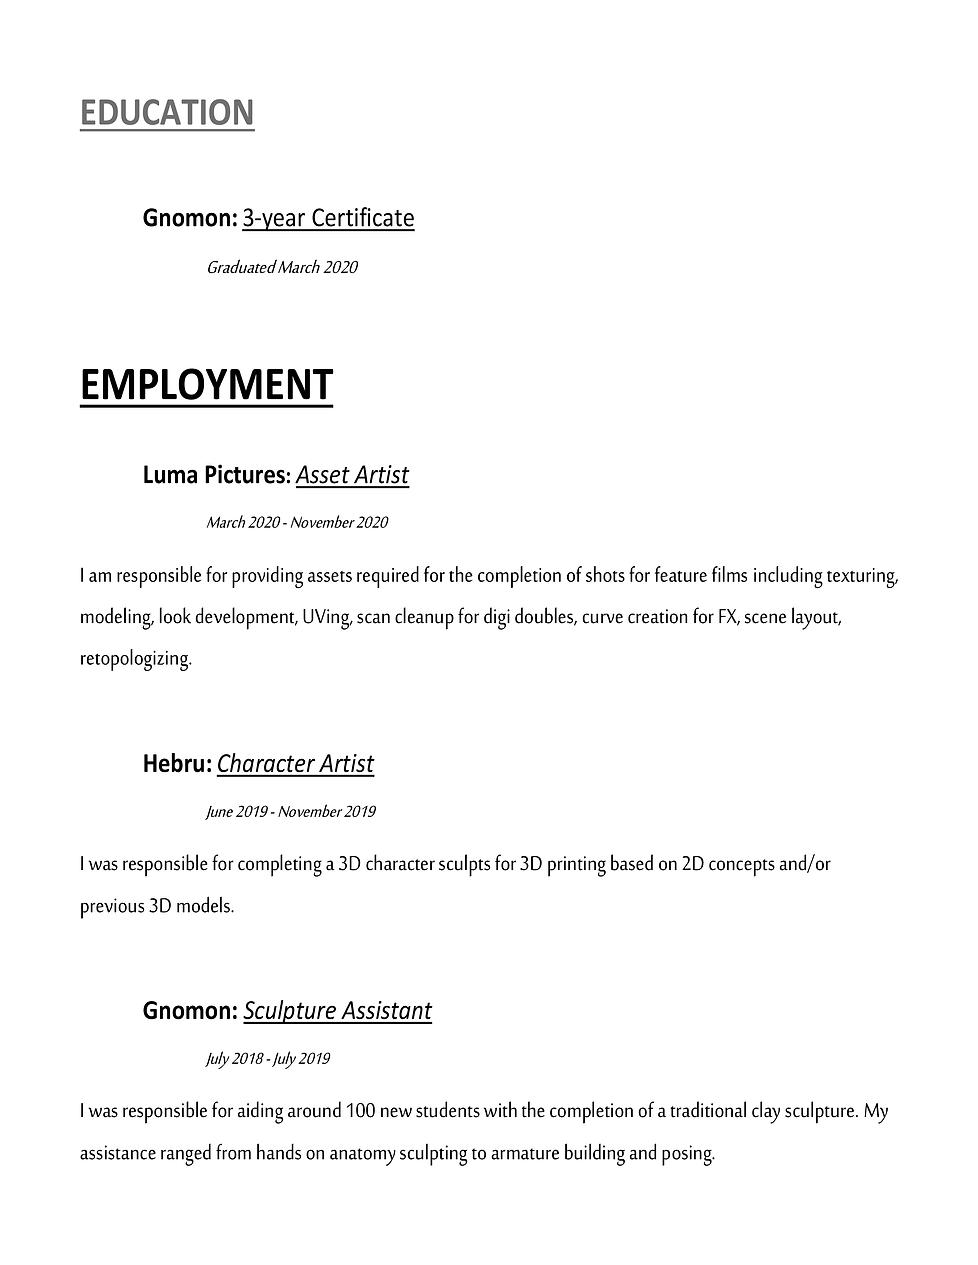 MarioCortez Resume Nov 2020 page2.png